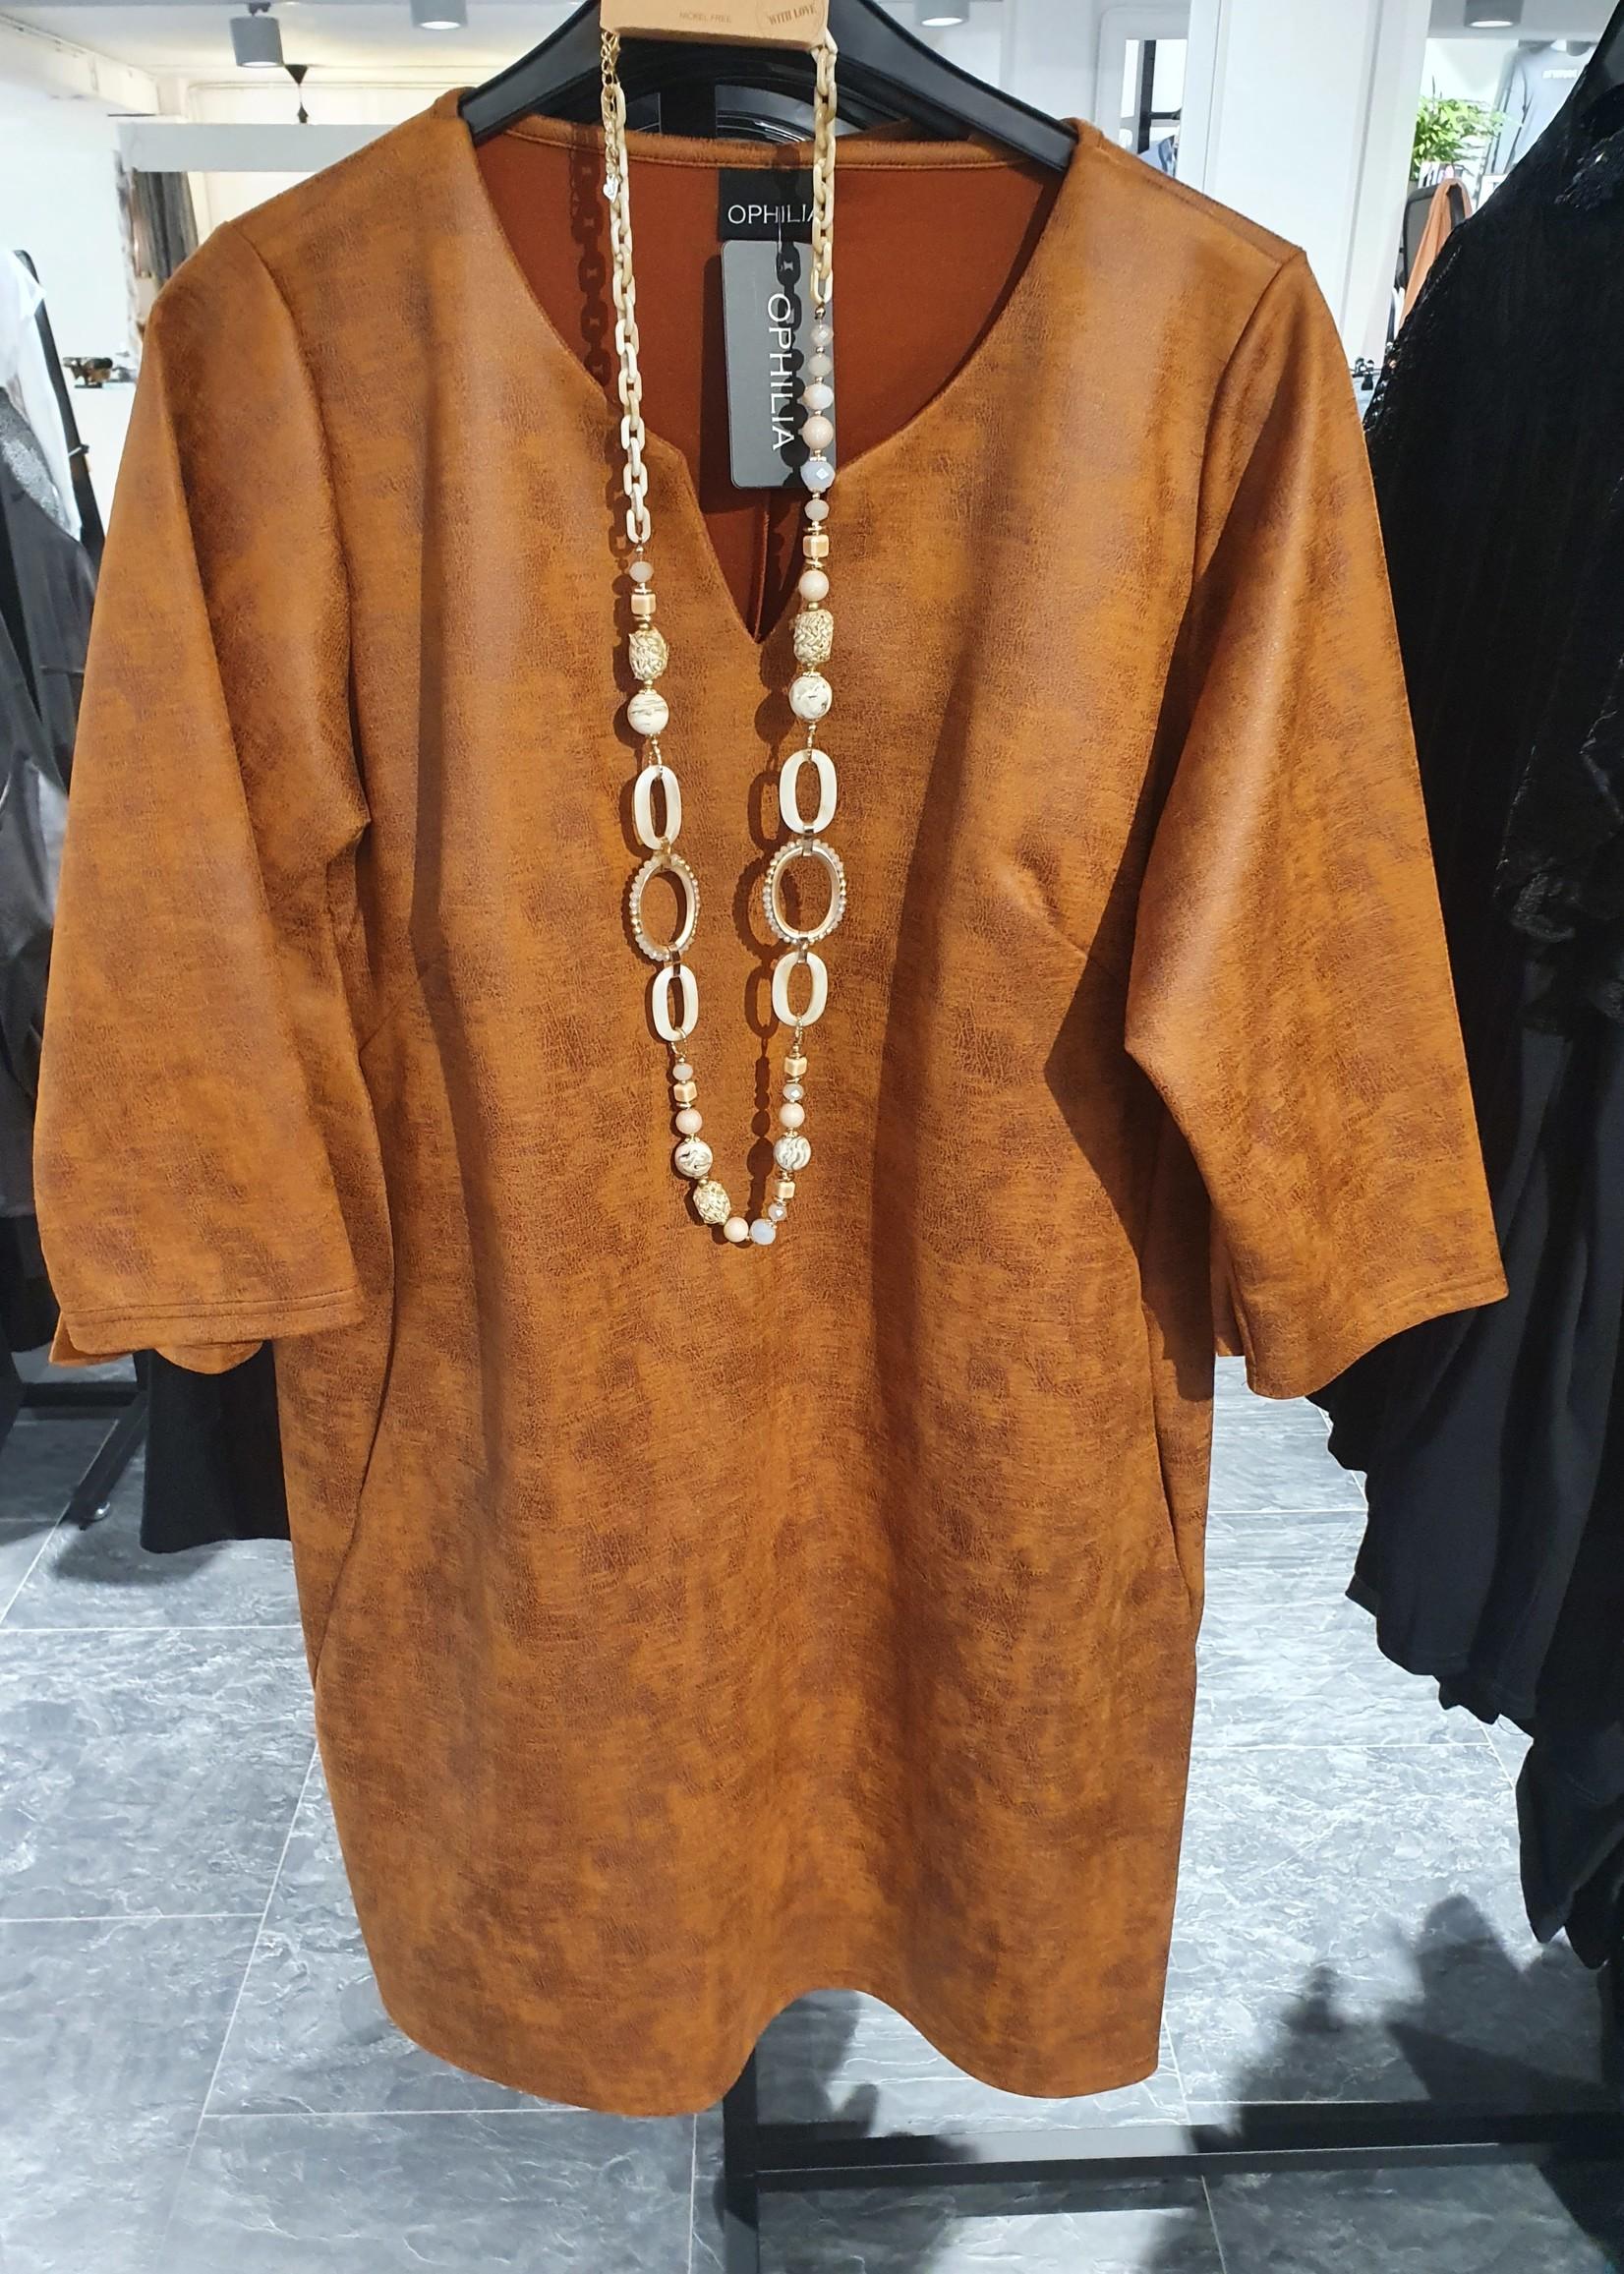 Ophilia Ophilia Yara Dress Nappa